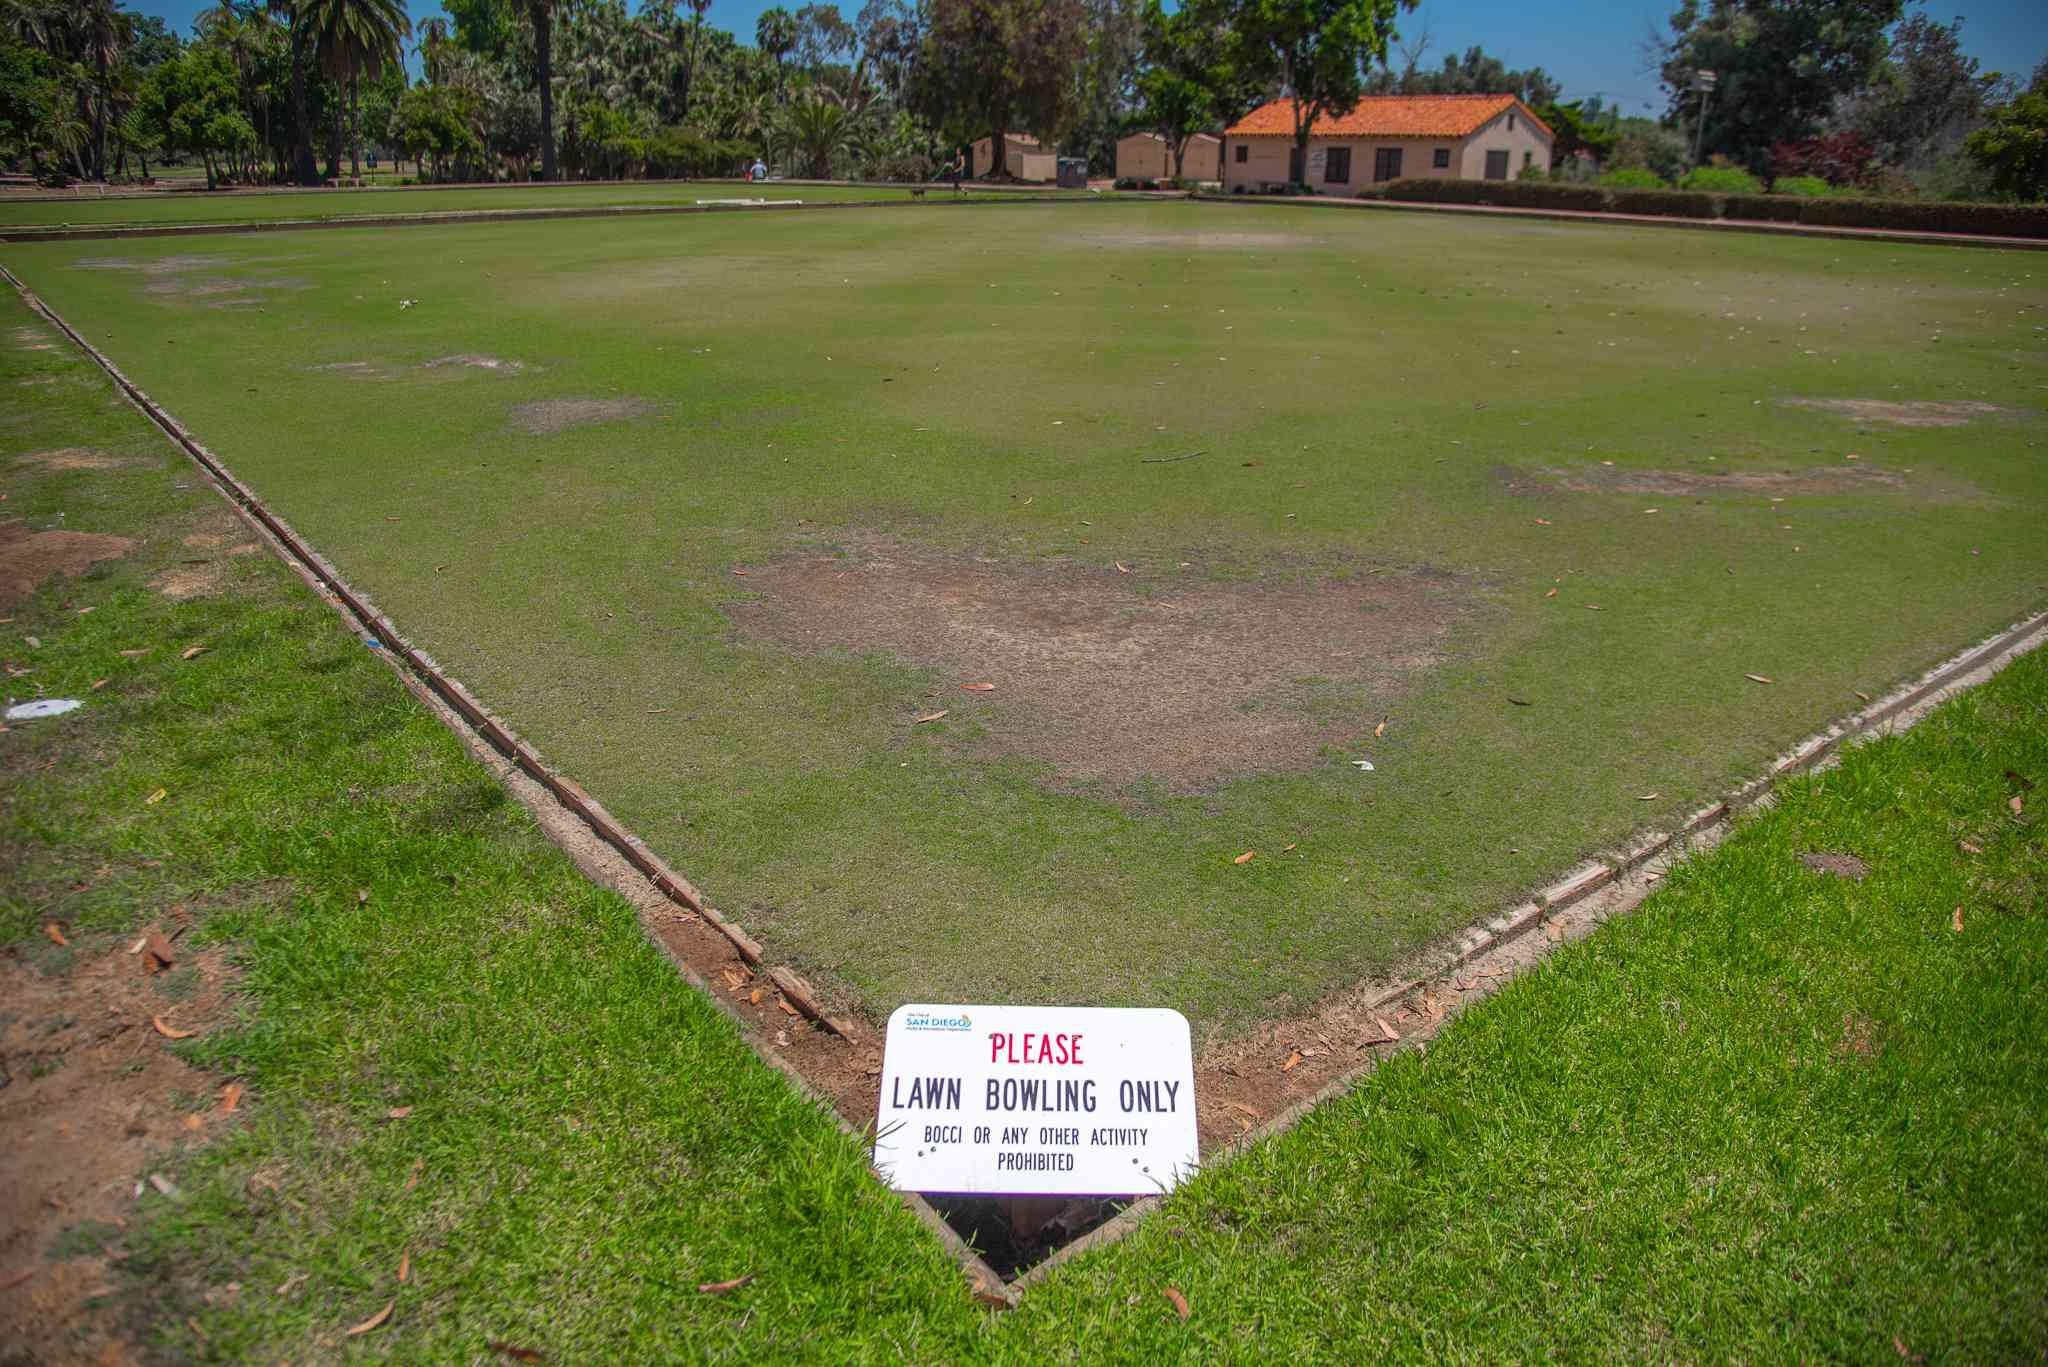 Lawn Bowling Greens at Balboa Park